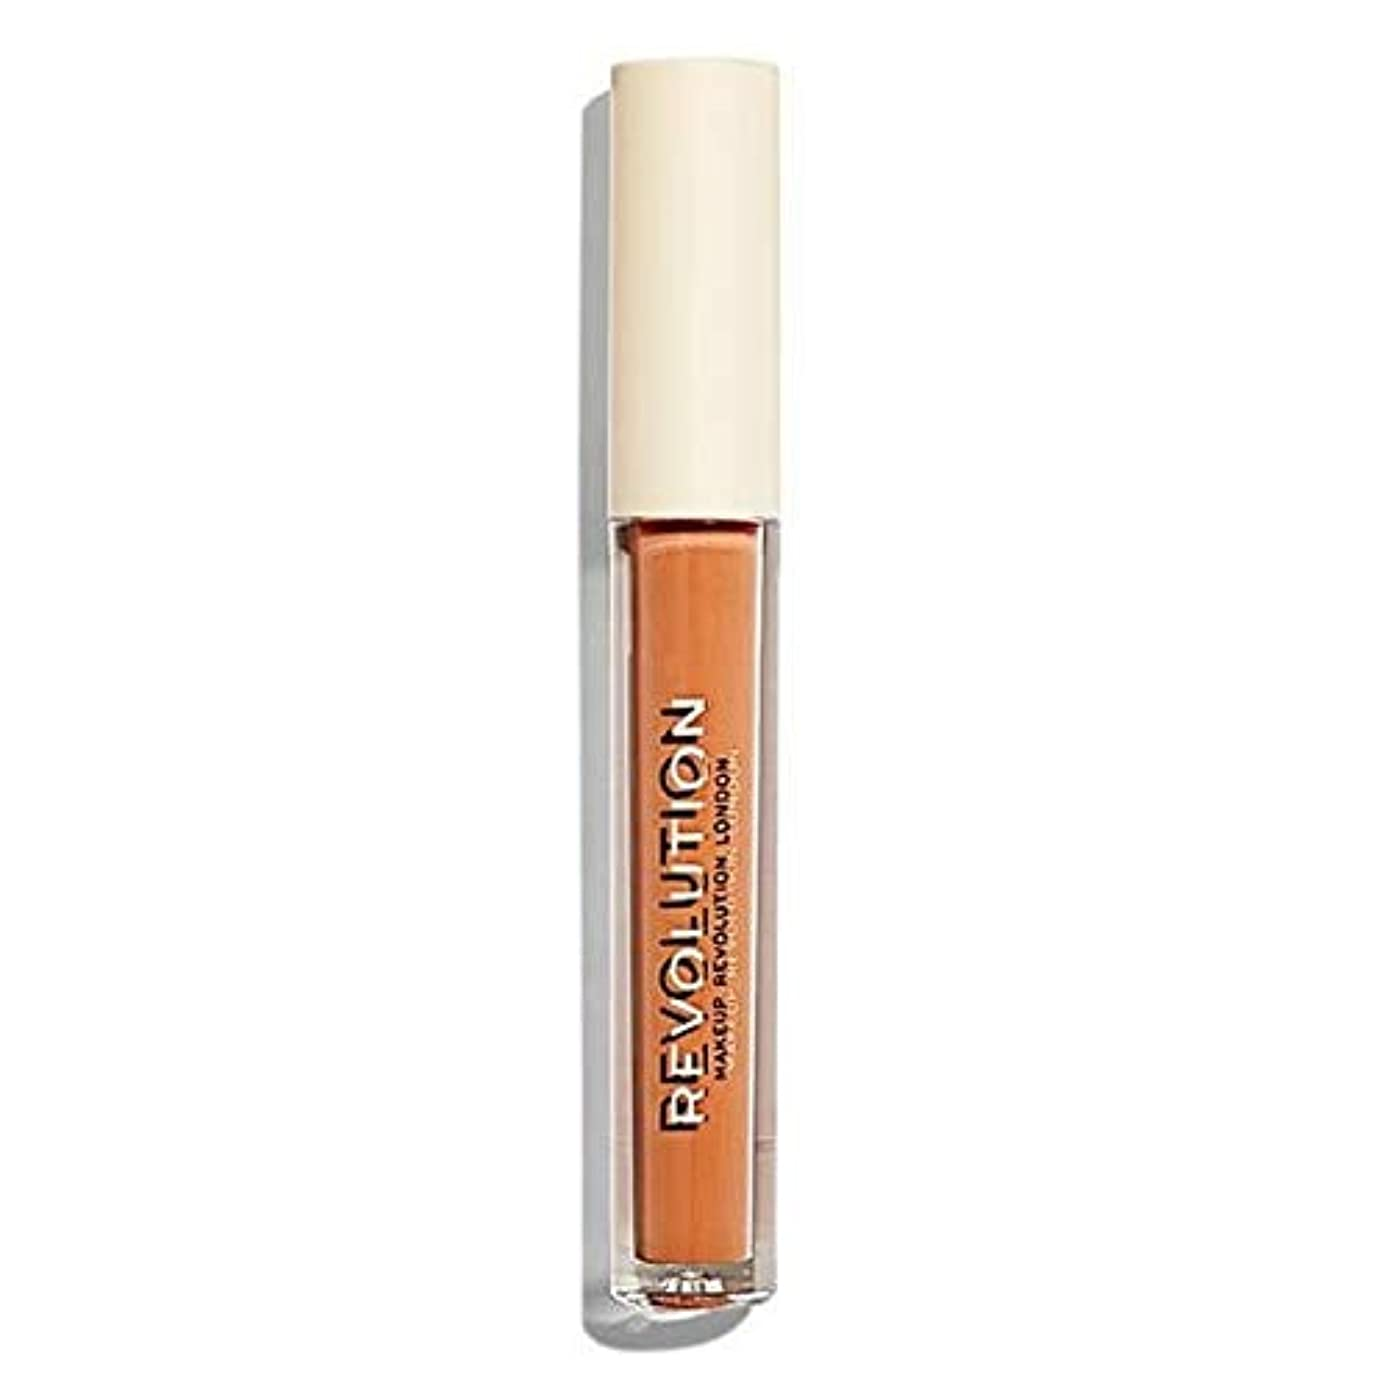 グリーンランドバイオレットまた明日ね[Revolution ] 化粧革命は服を脱ぐコレクションマットリップグロスをヌード - Makeup Revolution Nudes Collection Matte Lip Gloss Undressed [並行輸入品]